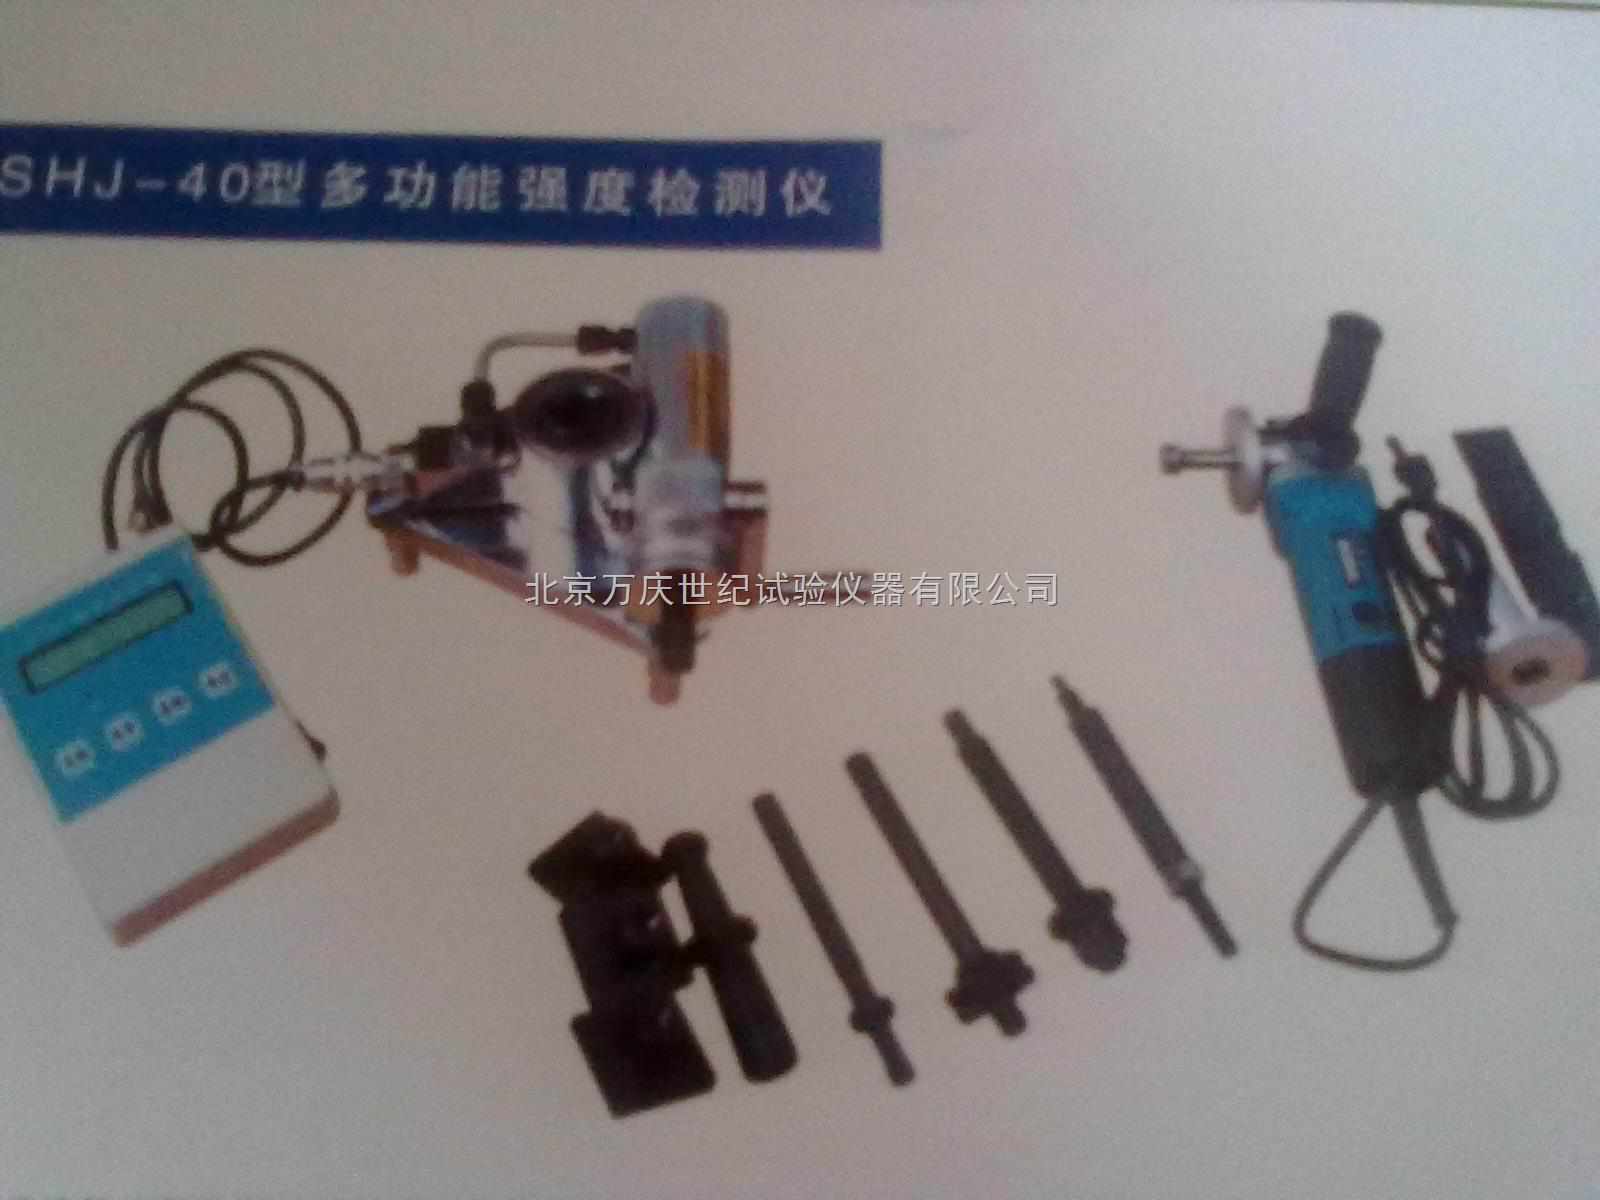 SHJ-40多功能强度检测仪